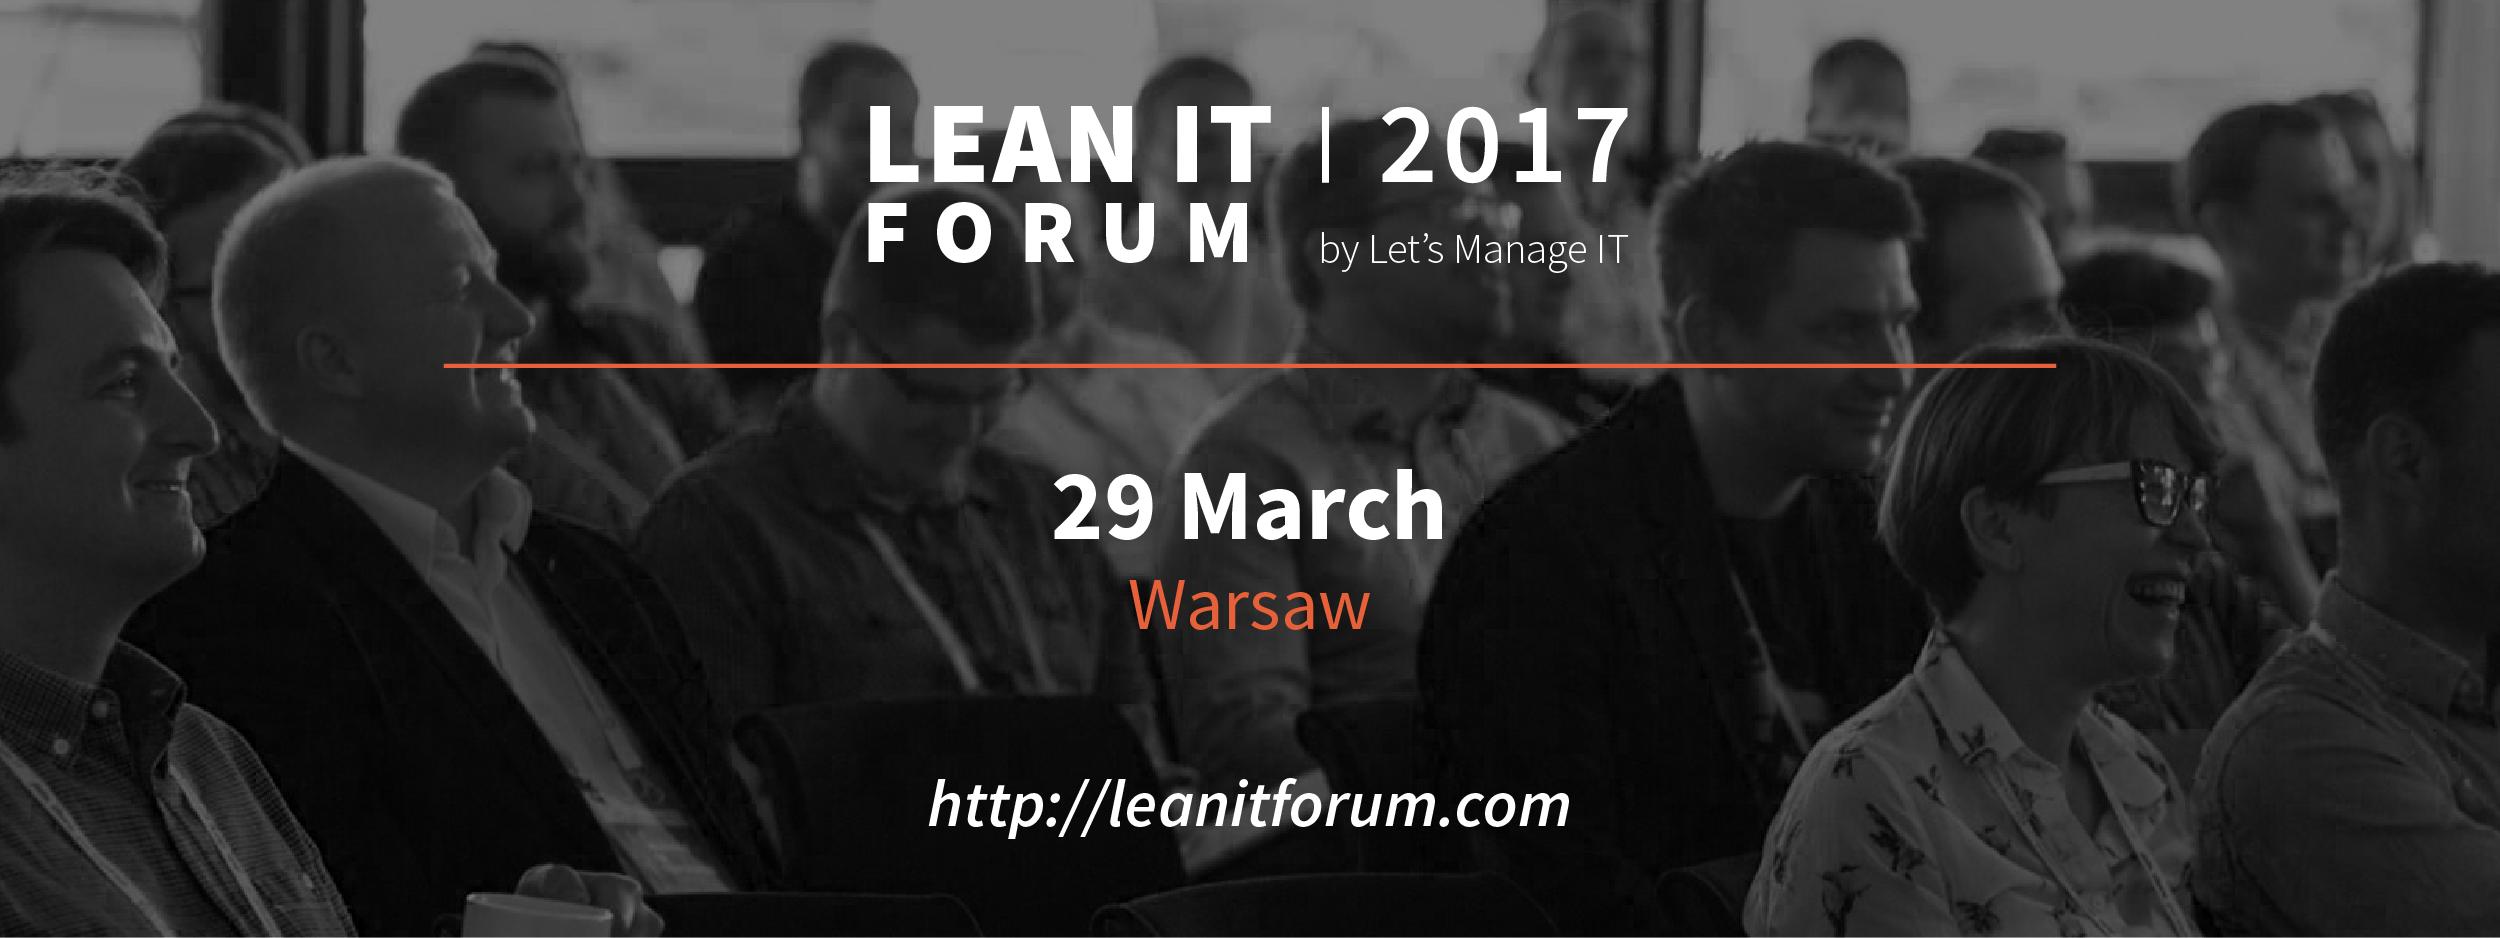 tech conferences in poland - lean it forum registration